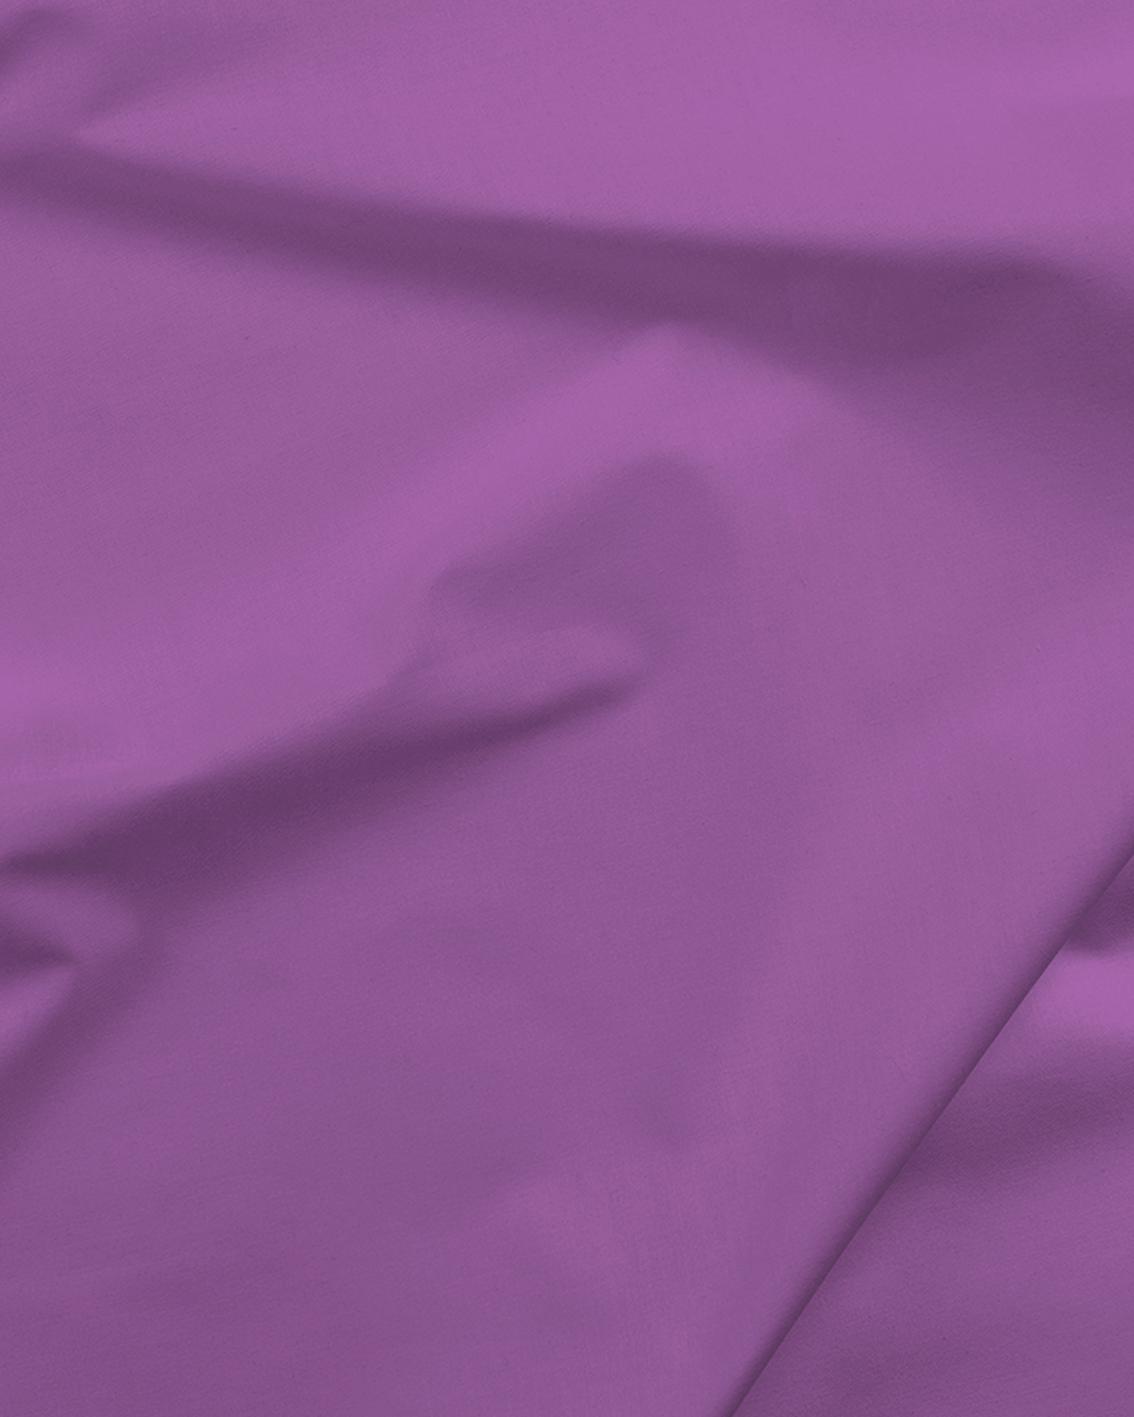 Bawełna pętelkowa typu dresówka. Kolor fioletowy. Gramatura 240g.